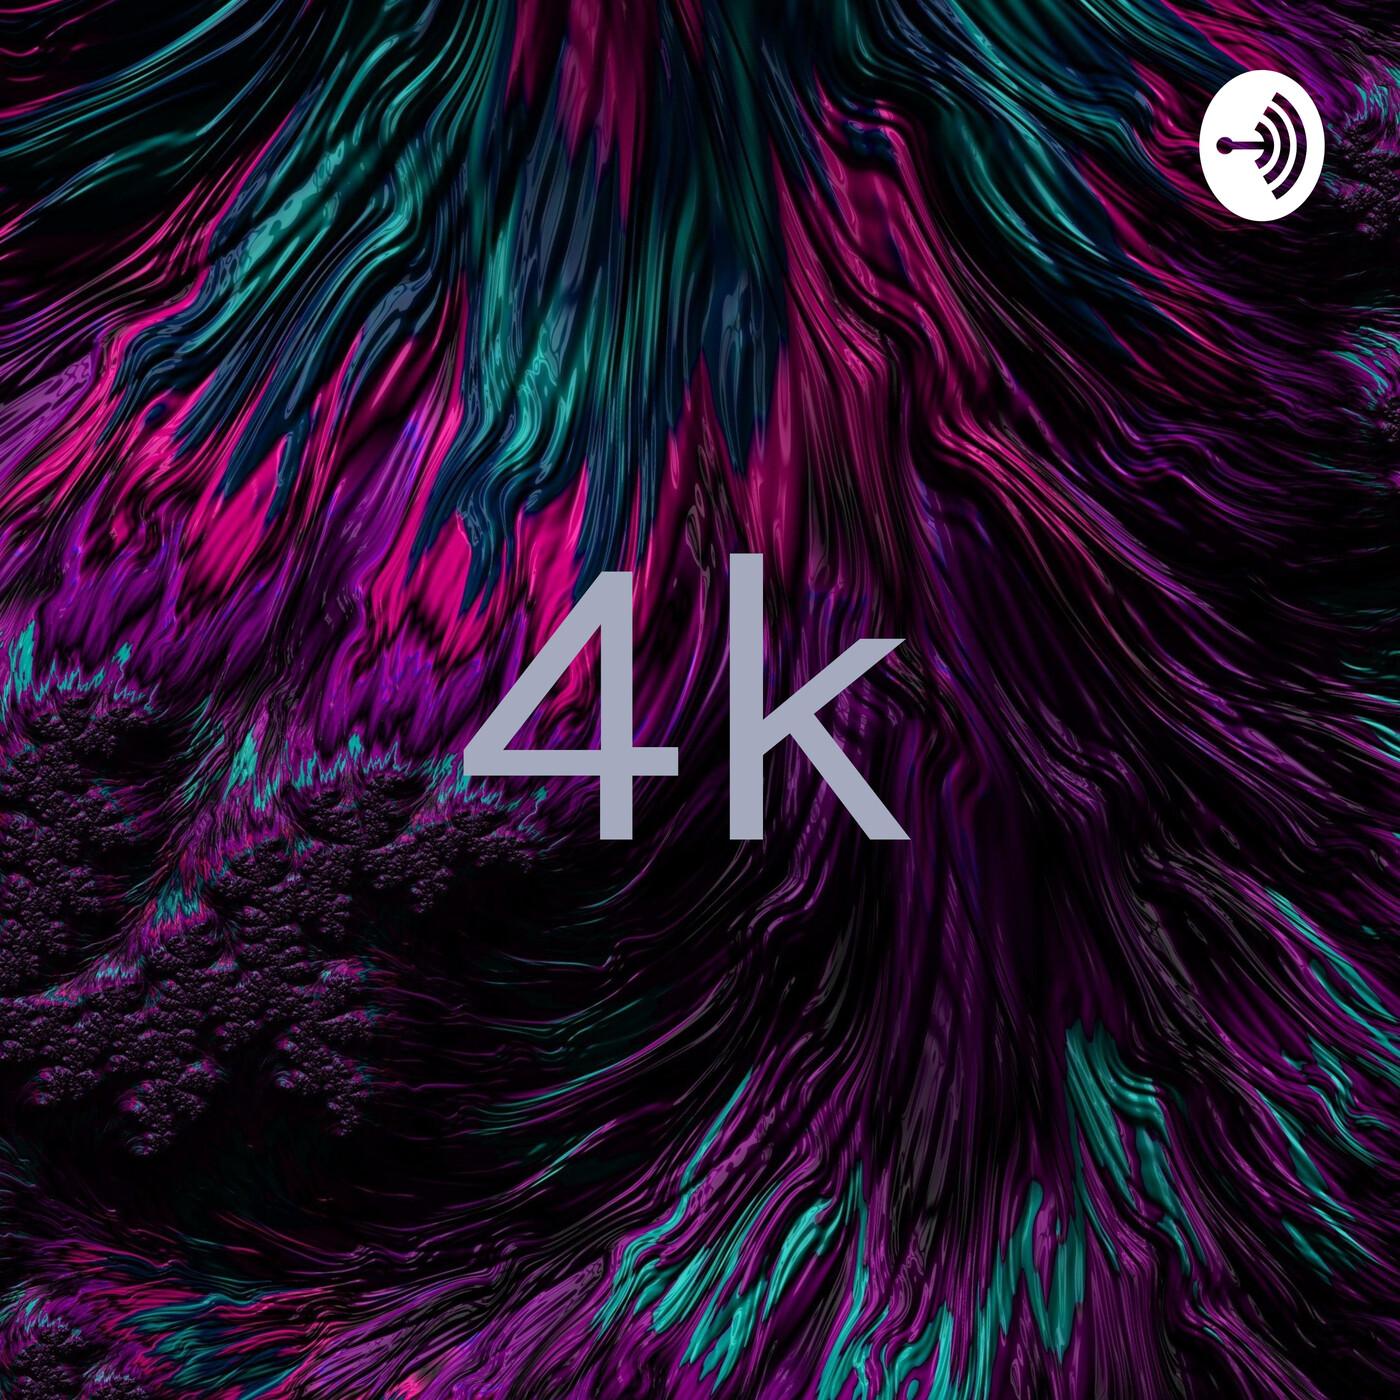 4k (Trailer)